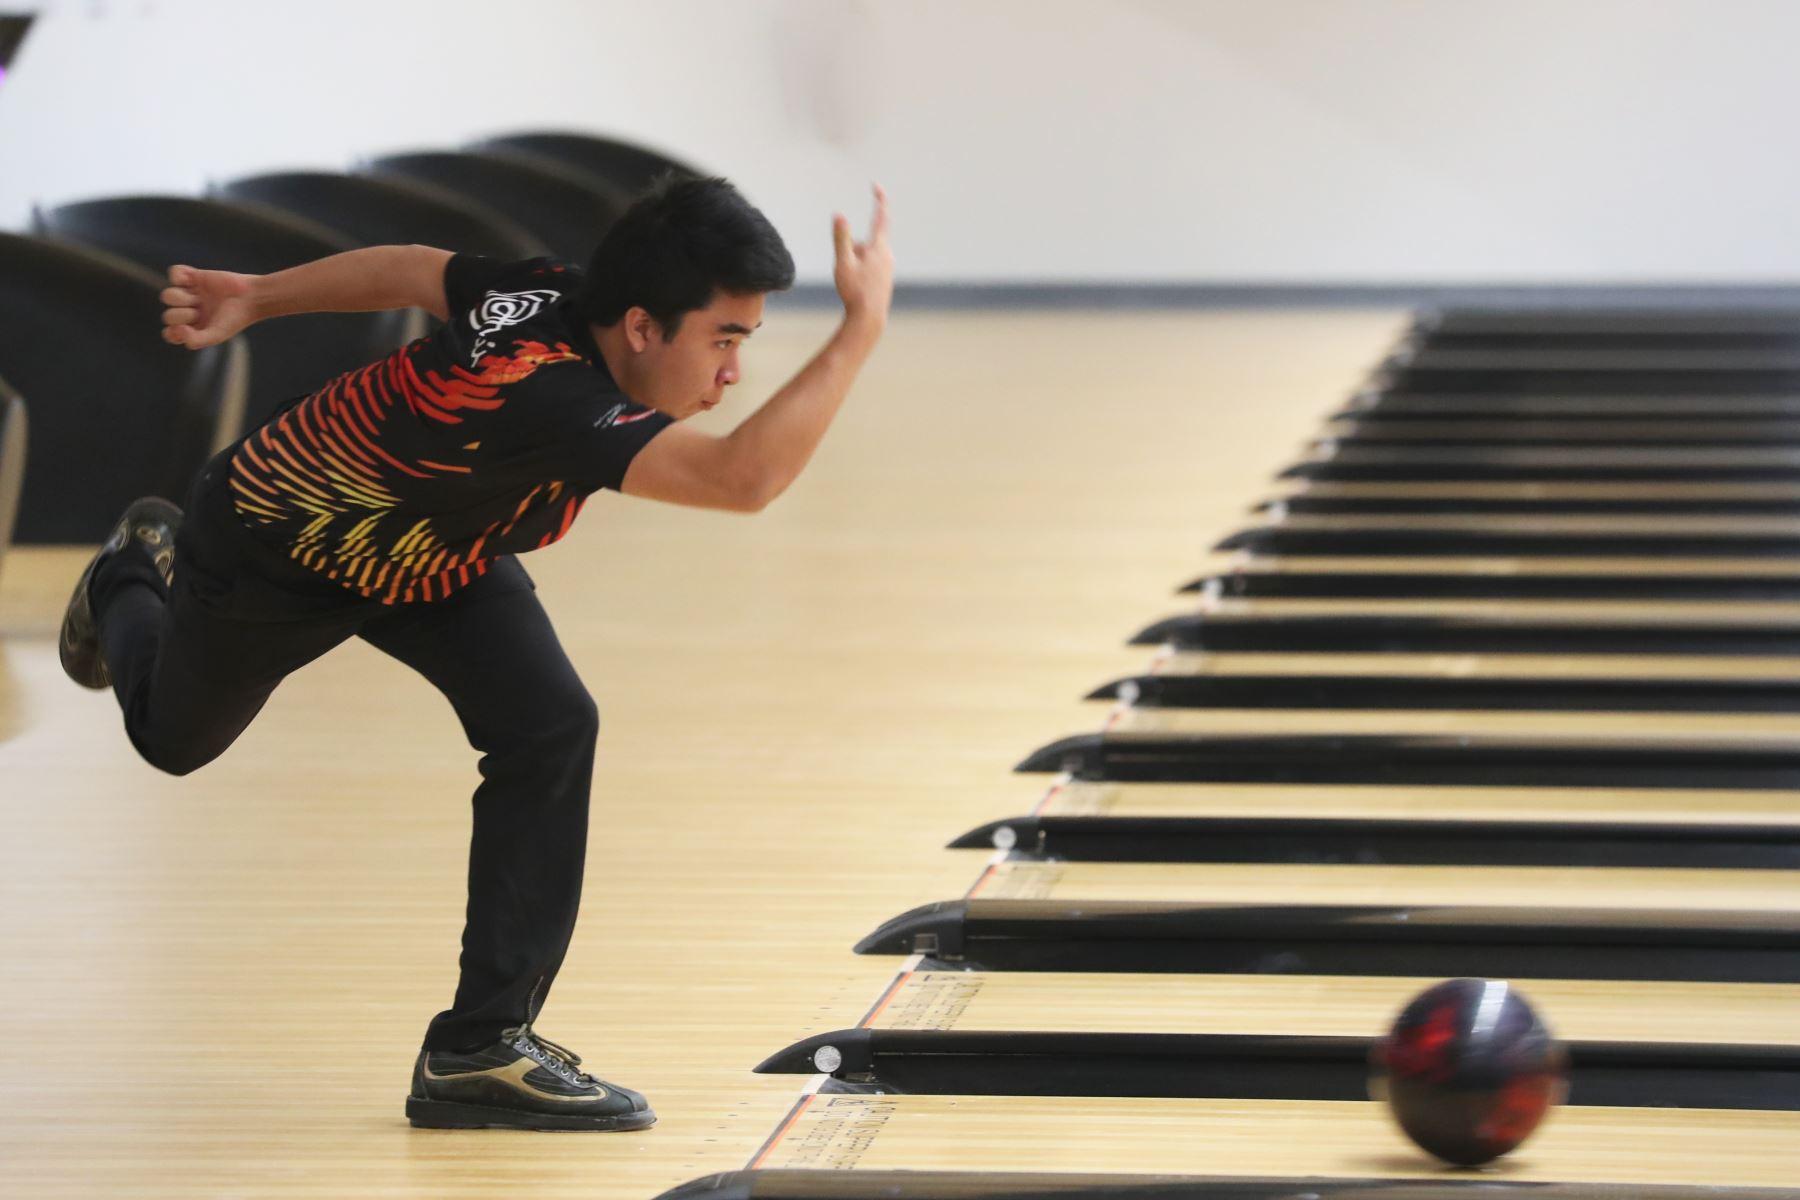 La competencia de bowling está programada del 25 al 30 de julio y se disputará en las modalidades de individuales y dobles, tanto damas como varones. Foto: ANDINA/Melina Mejía